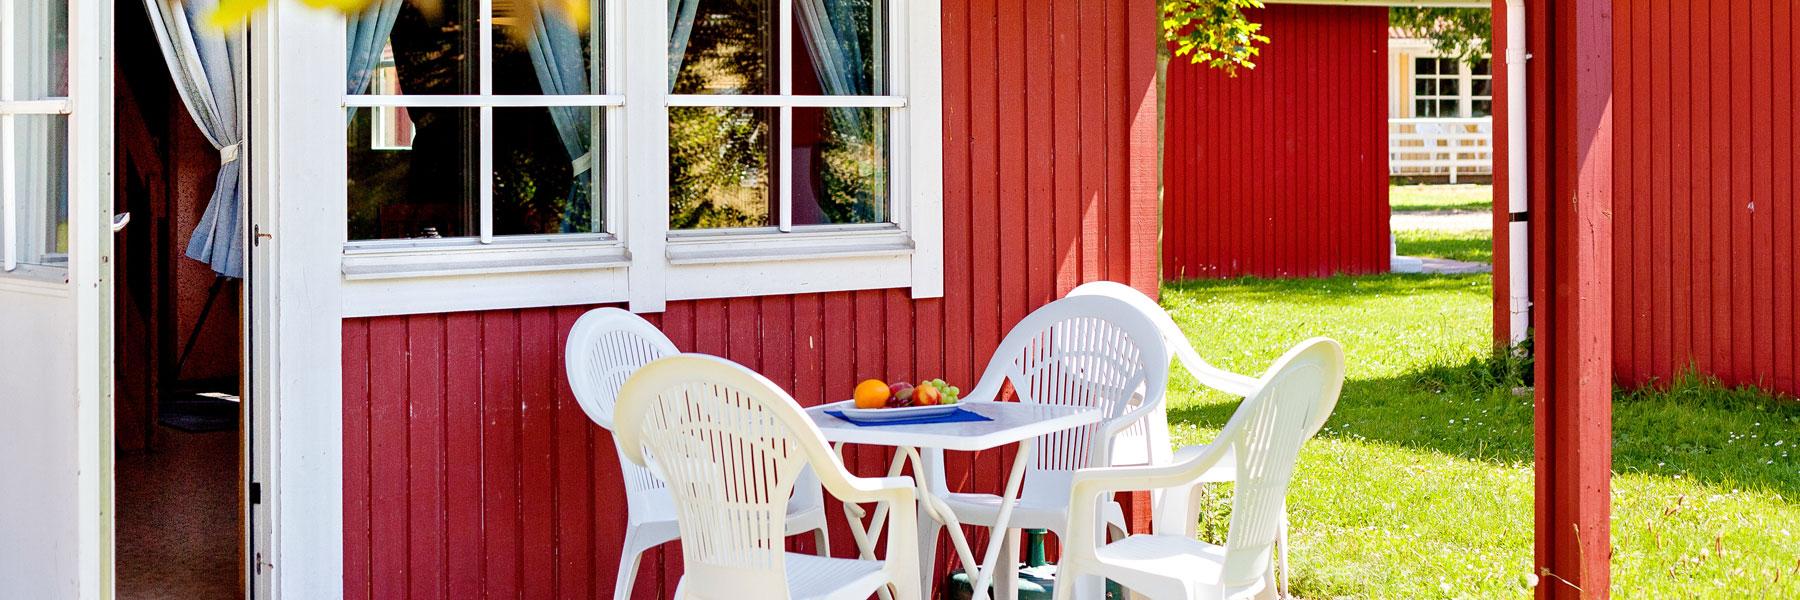 Ferienhaus - baltic freizeit